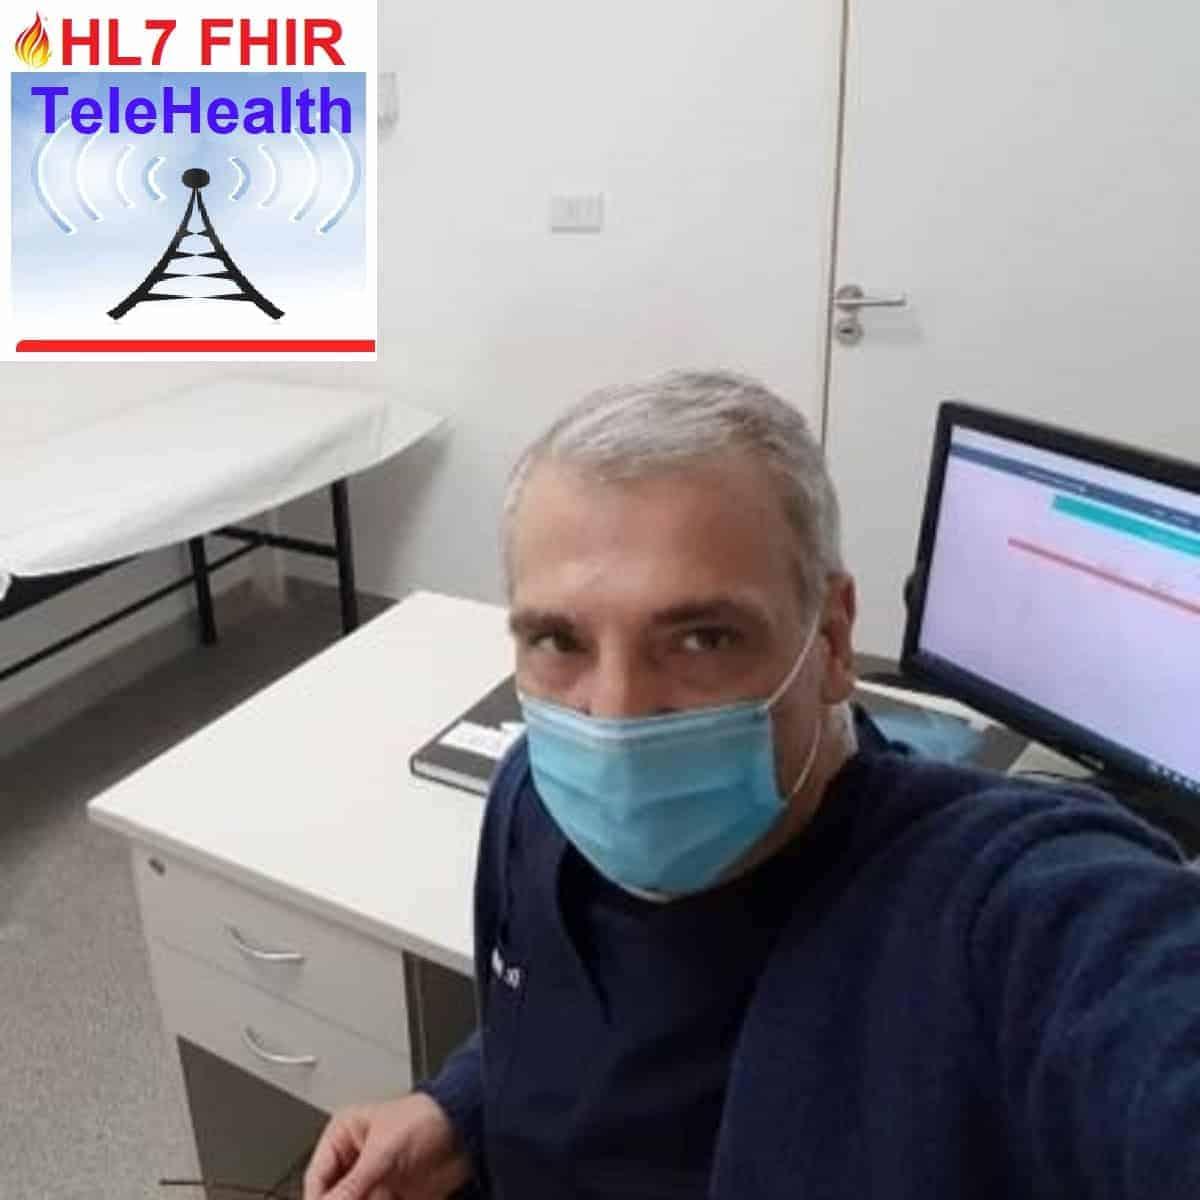 Dr. Mandirola